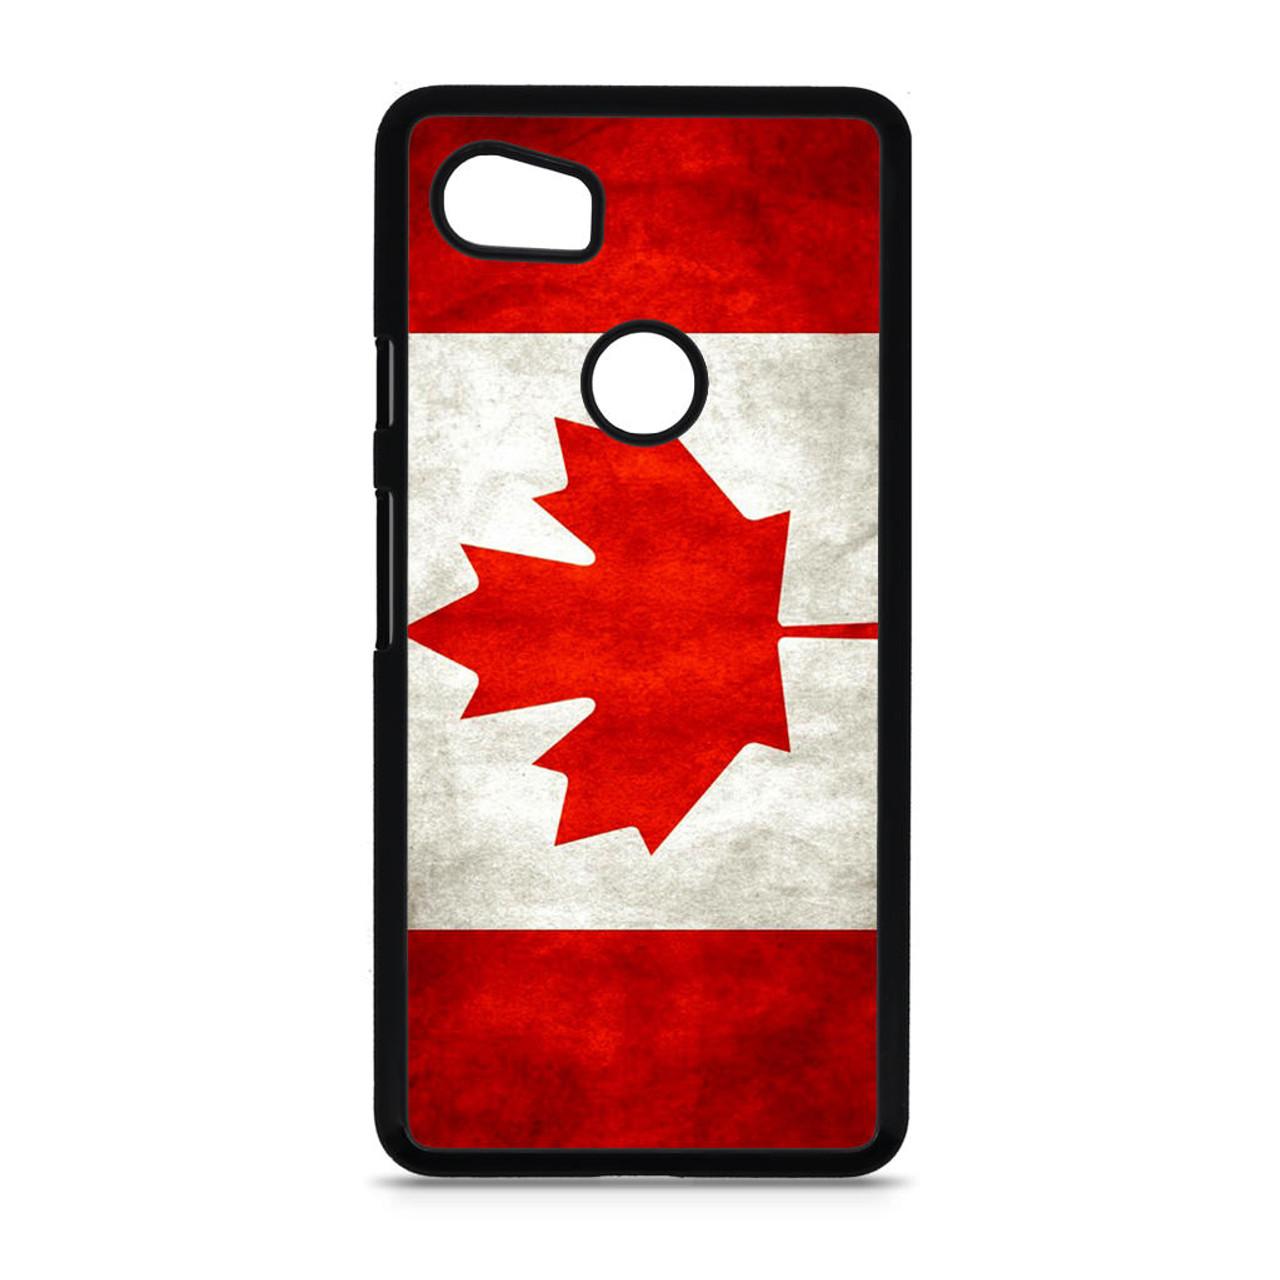 promo code a6213 f5b2f Canada Google Pixel 2 XL Case